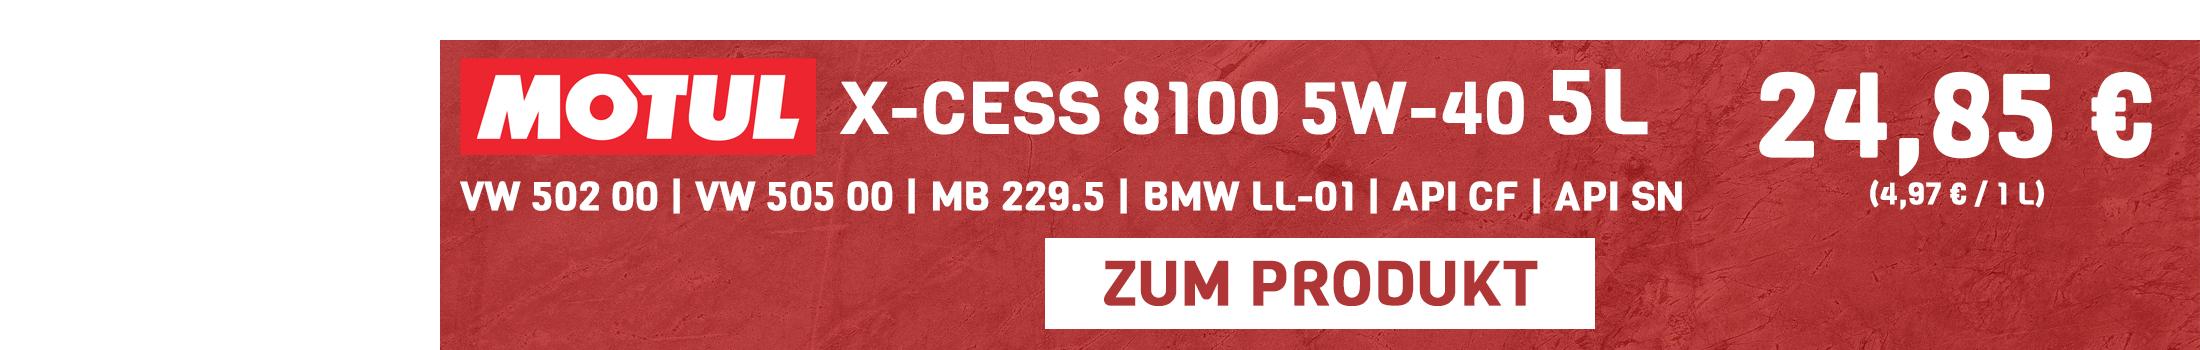 Motul X-Cess 8100 5W-40 5 L Sale